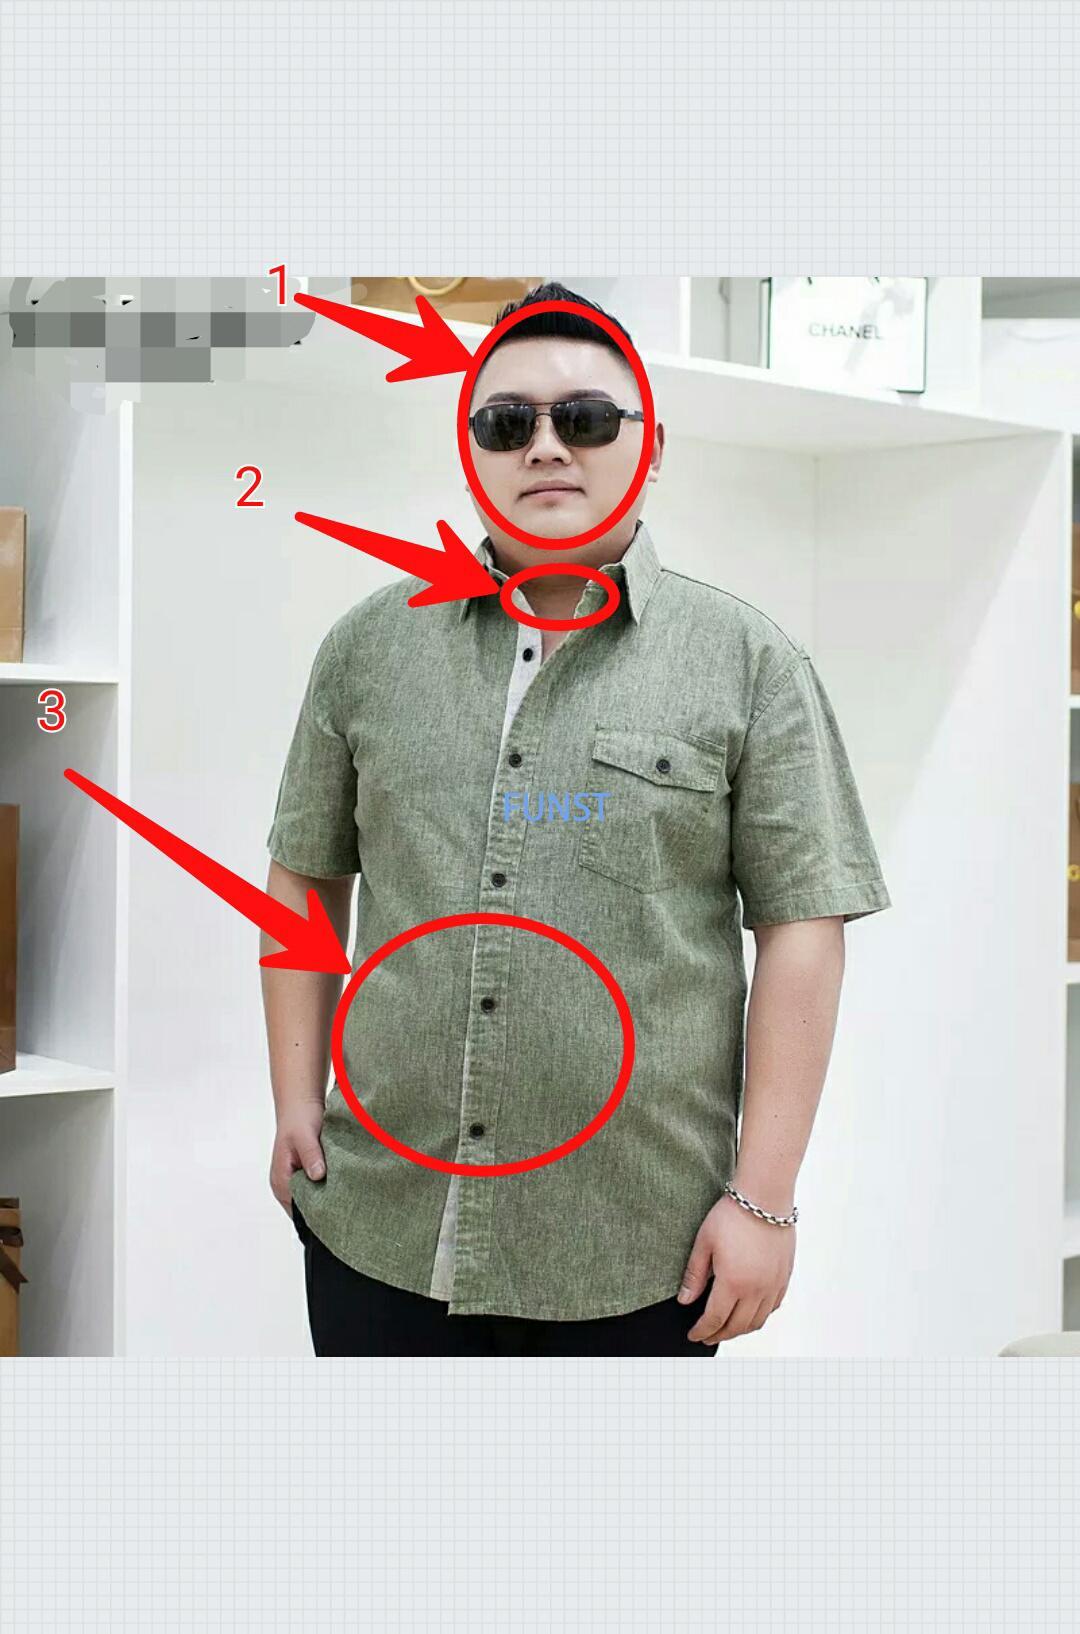 世界上最好看的发型_微胖男生日常如何穿搭? - 知乎